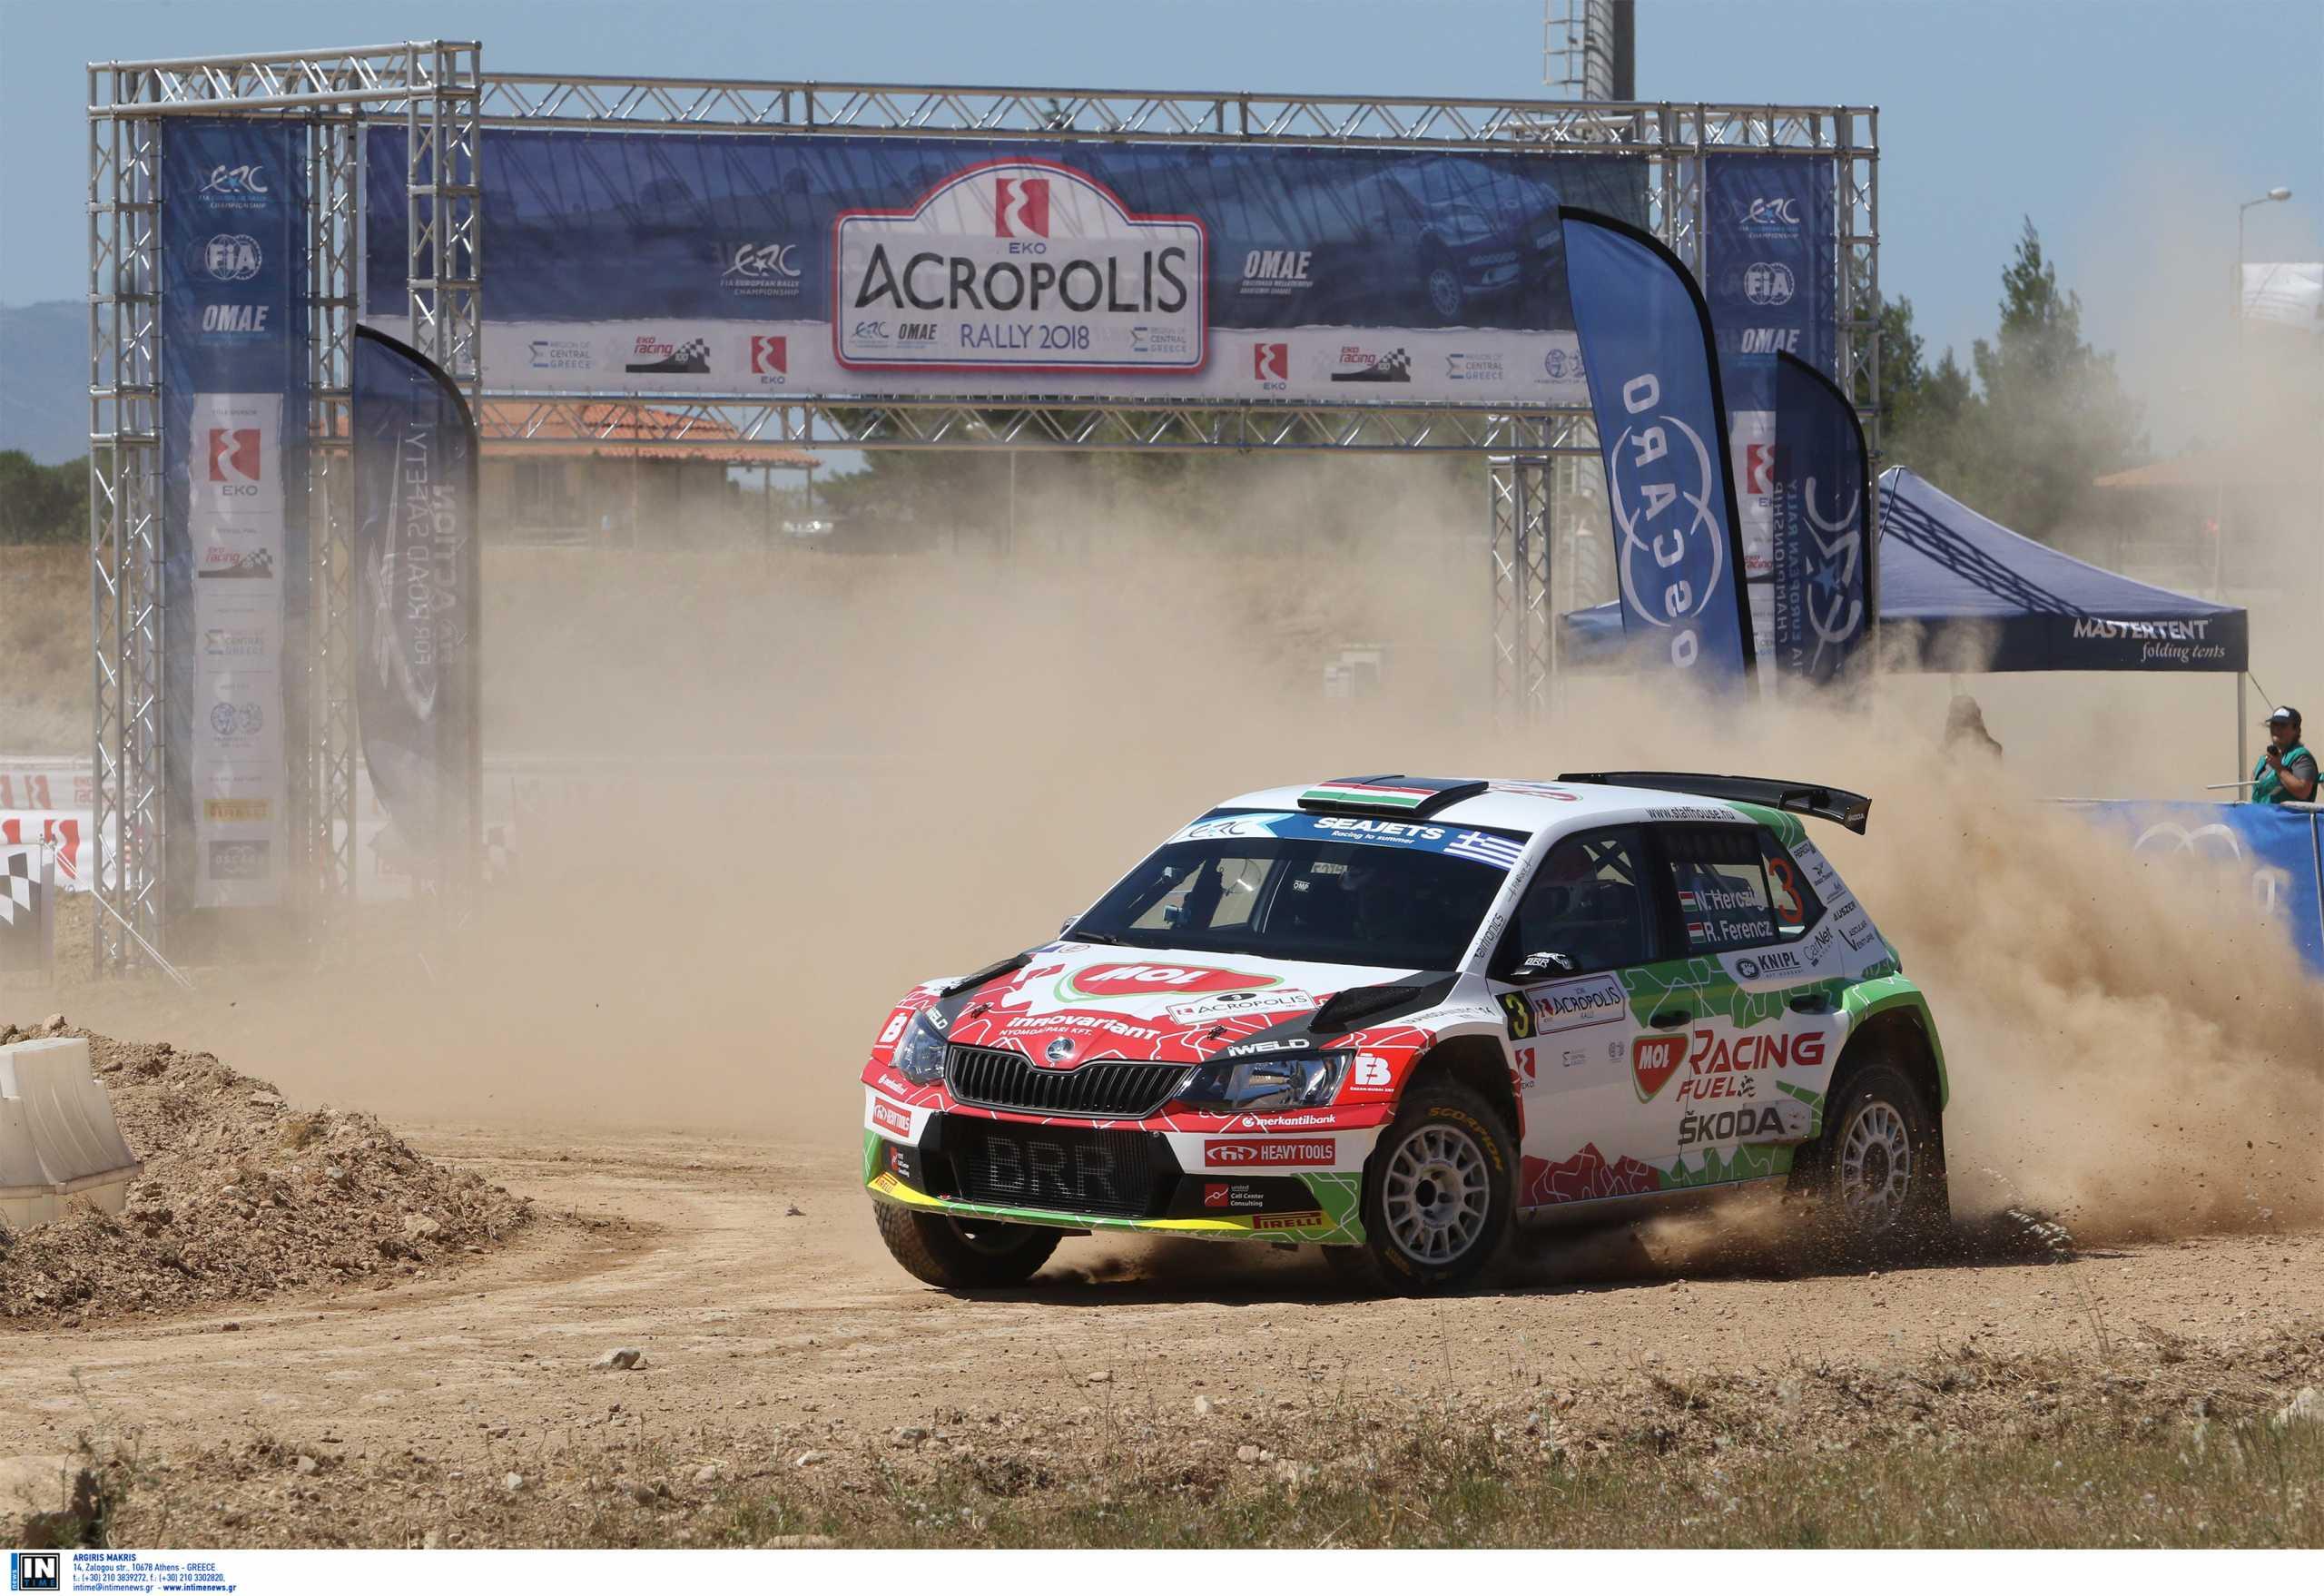 Ράλλυ Ακρόπολις: Είναι επίσημο – Επιστρέφει στο WRC